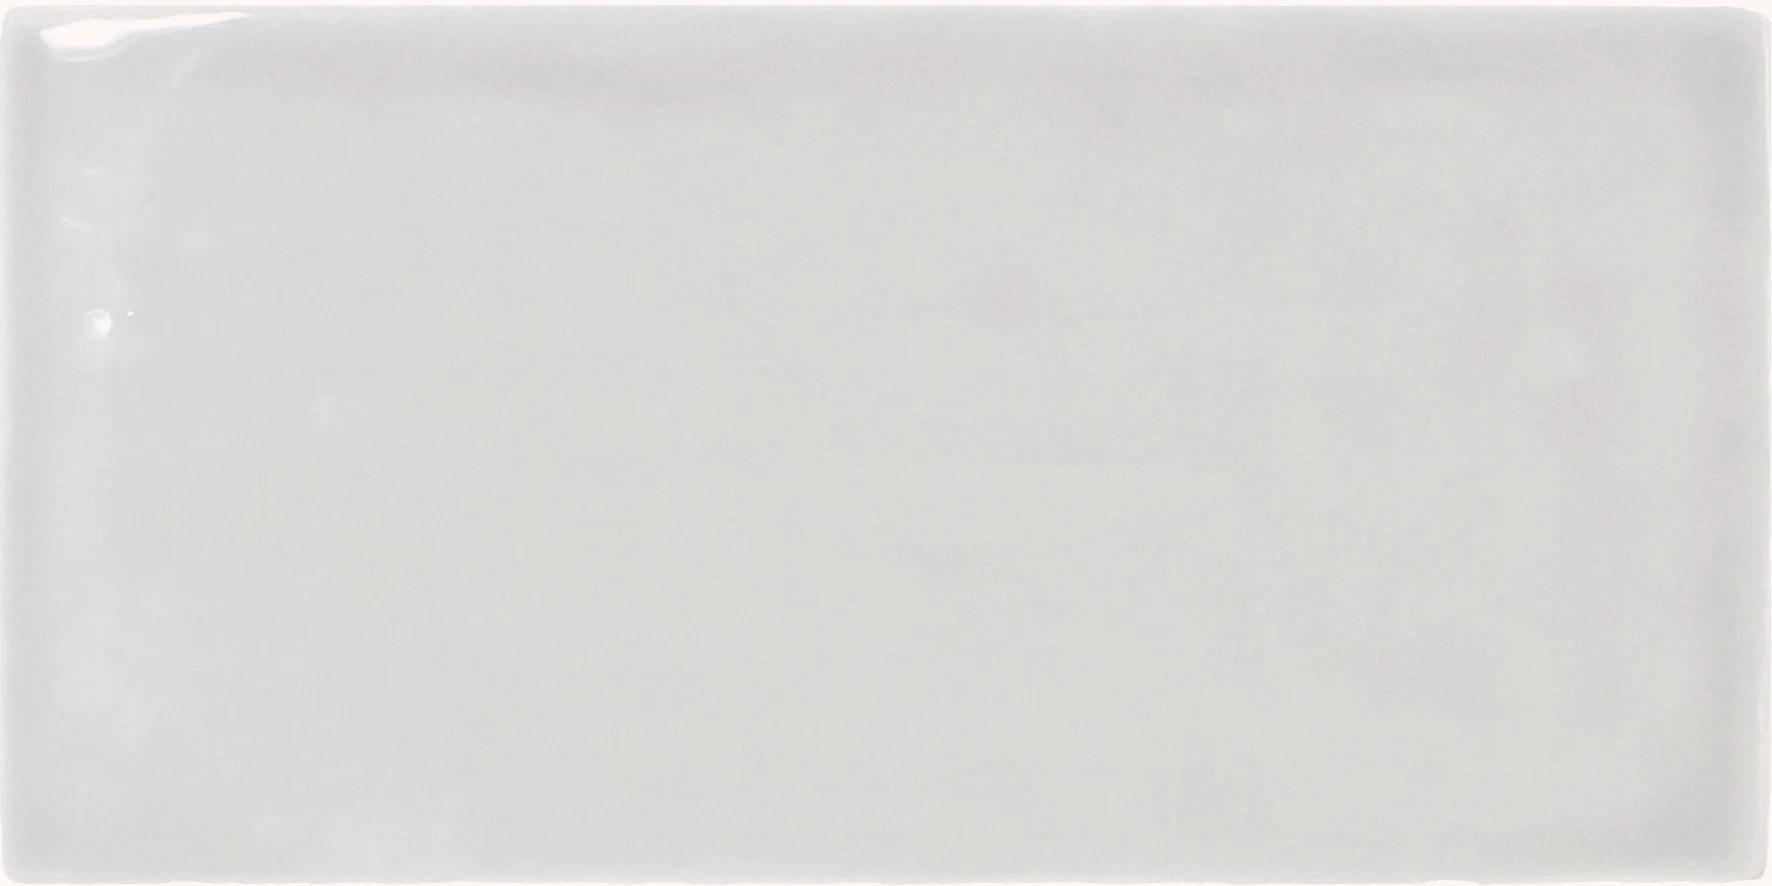 carrelage mur forte uni gris emaille l 7 5 x l 15 cm bakerstreet